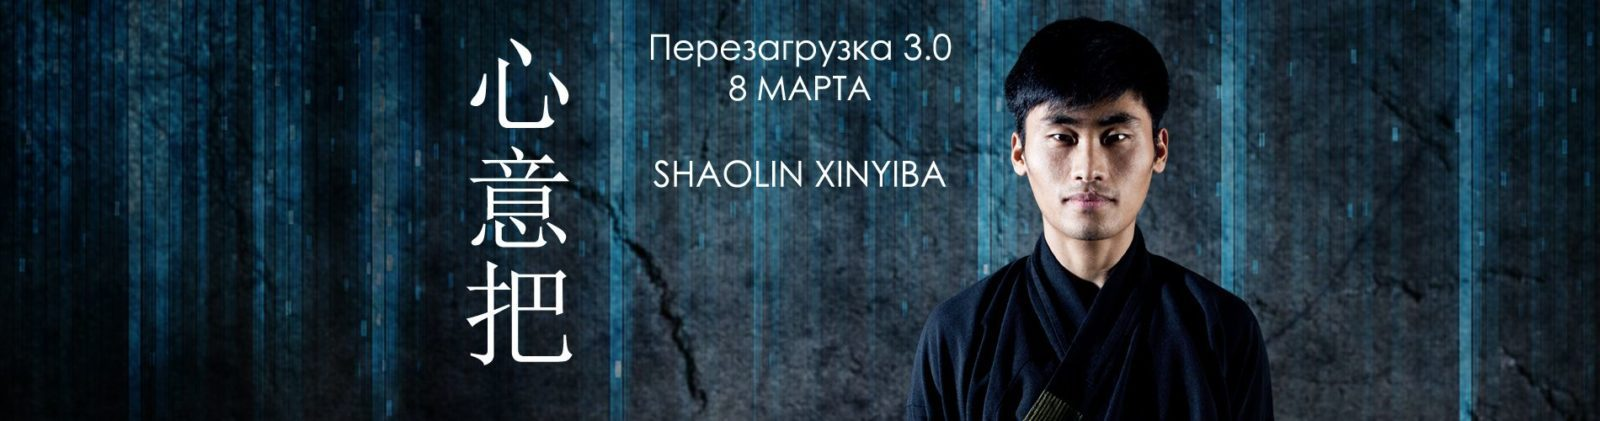 matrix3_slider2